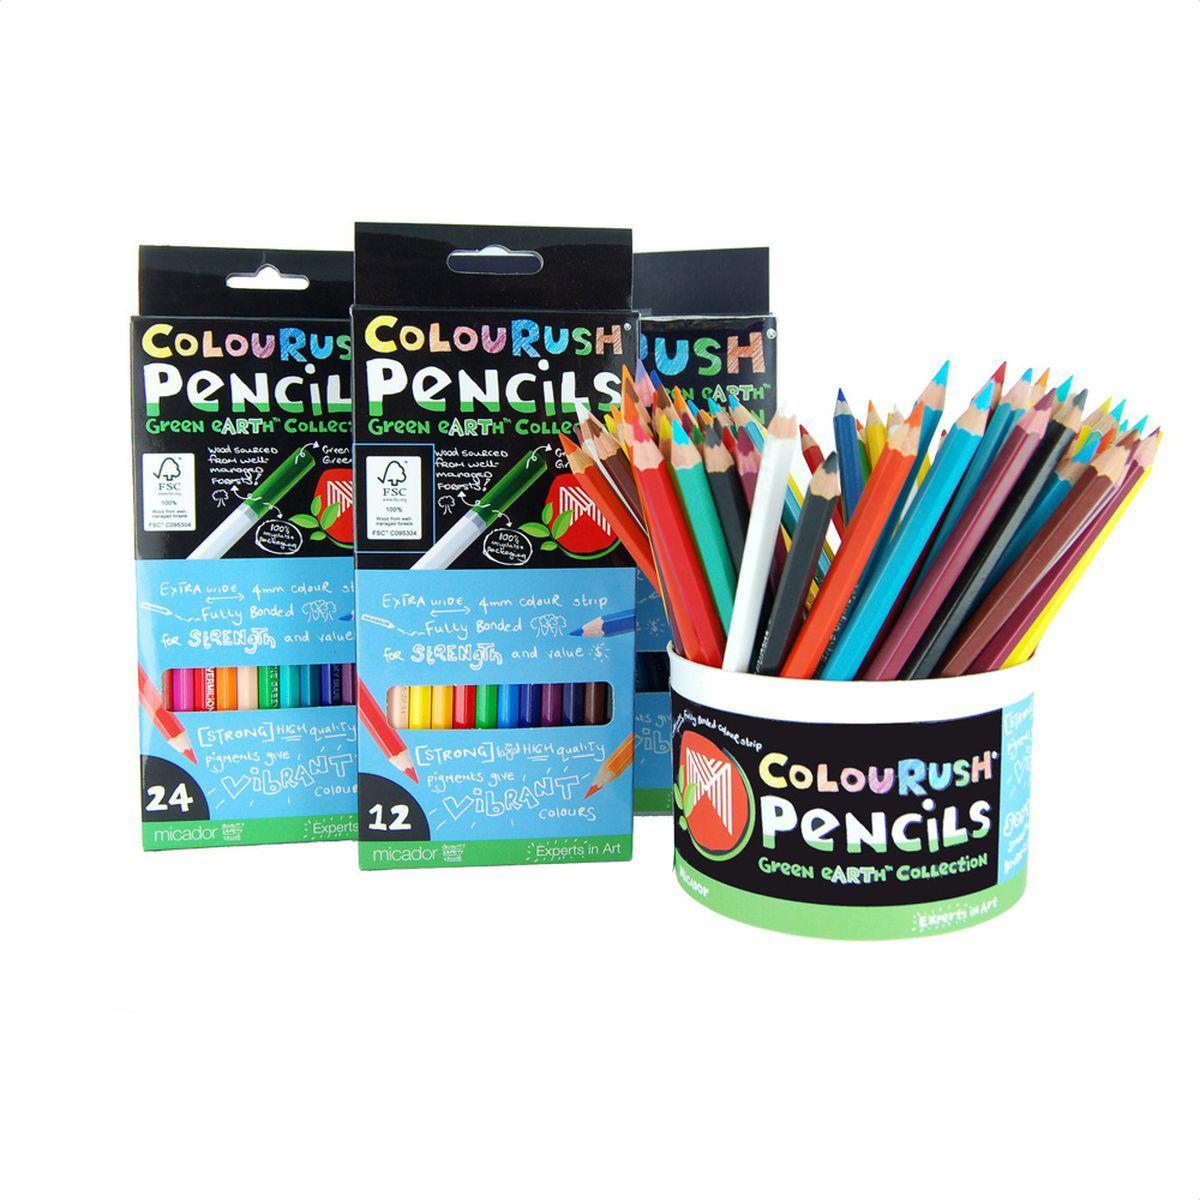 Micador Цветные эко-карандаши 24 цветаFPLMP24Цветные эко-карандаши Micador не оставят равнодушным ни одного ребенка. Многообразие ярких и насыщенных цветов, есть даже золотой, серебряный и телесный цвета! Благодаря высокому качеству древесной оболочки, обеспечивается ровное и гладкое затачивание что исключает покупать все новые и новые карандаши. Грифель имеет больший диаметр (4 мм), чем обычно, что позволит не так часто затачивать карандаши, а также позволяет намного быстрее и без дополнительных усилий разукрашивать большие рисунки. Карандаши не крошатся при рисовании, не трескаются при падении, легко затачиваются. Не содержат токсических веществ, полностью безопасны для маленьких детей. Изготовлены с использованием солнечной энергии, полностью перерабатываемая упаковка. Сделаны с любовью к природе и детству! Рисование развивает творческие способности, воображение, логику, память, мышление. Пусть мир вашего ребенка будет ярким и безопасным! Австралийский бренд Micador - эксперт в товарах для...